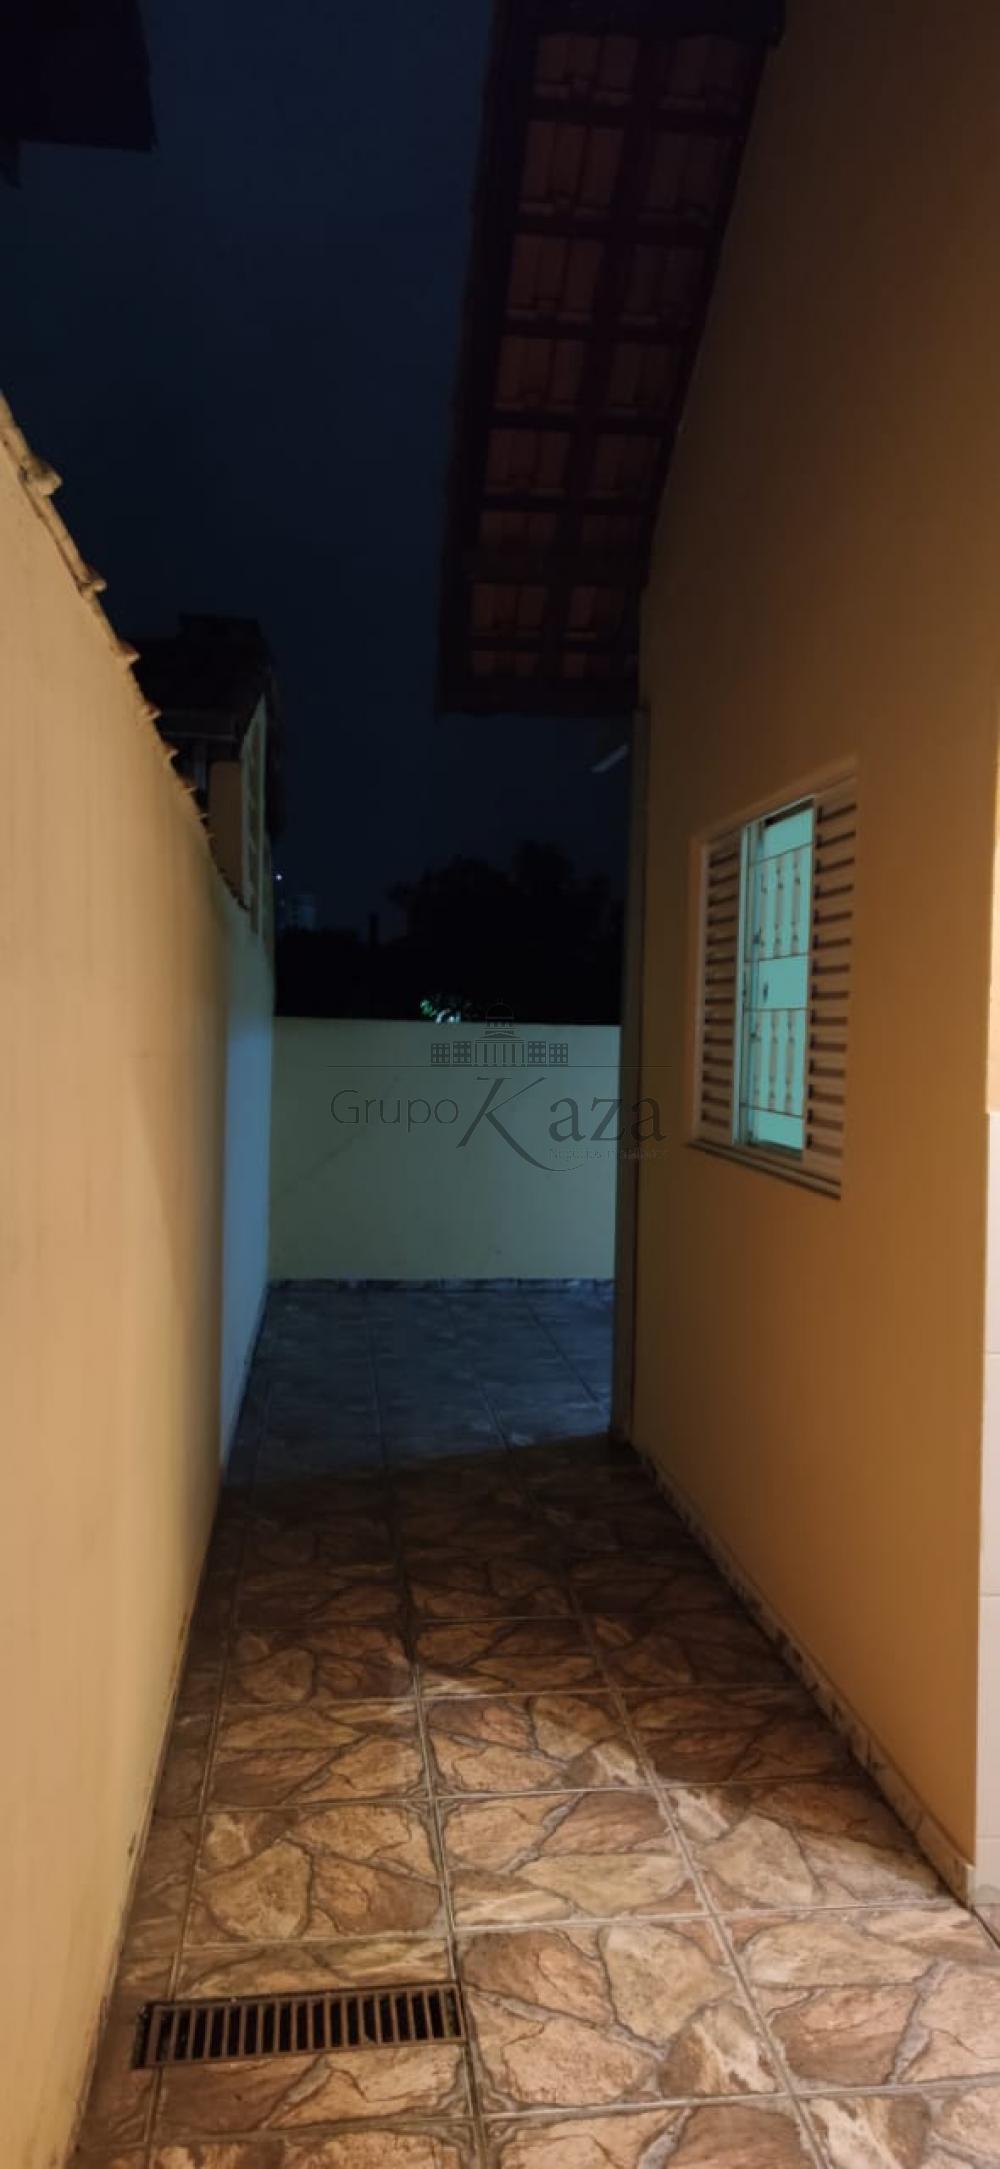 alt='Comprar Casa / Sobrado em São José dos Campos R$ 430.000,00 - Foto 26' title='Comprar Casa / Sobrado em São José dos Campos R$ 430.000,00 - Foto 26'